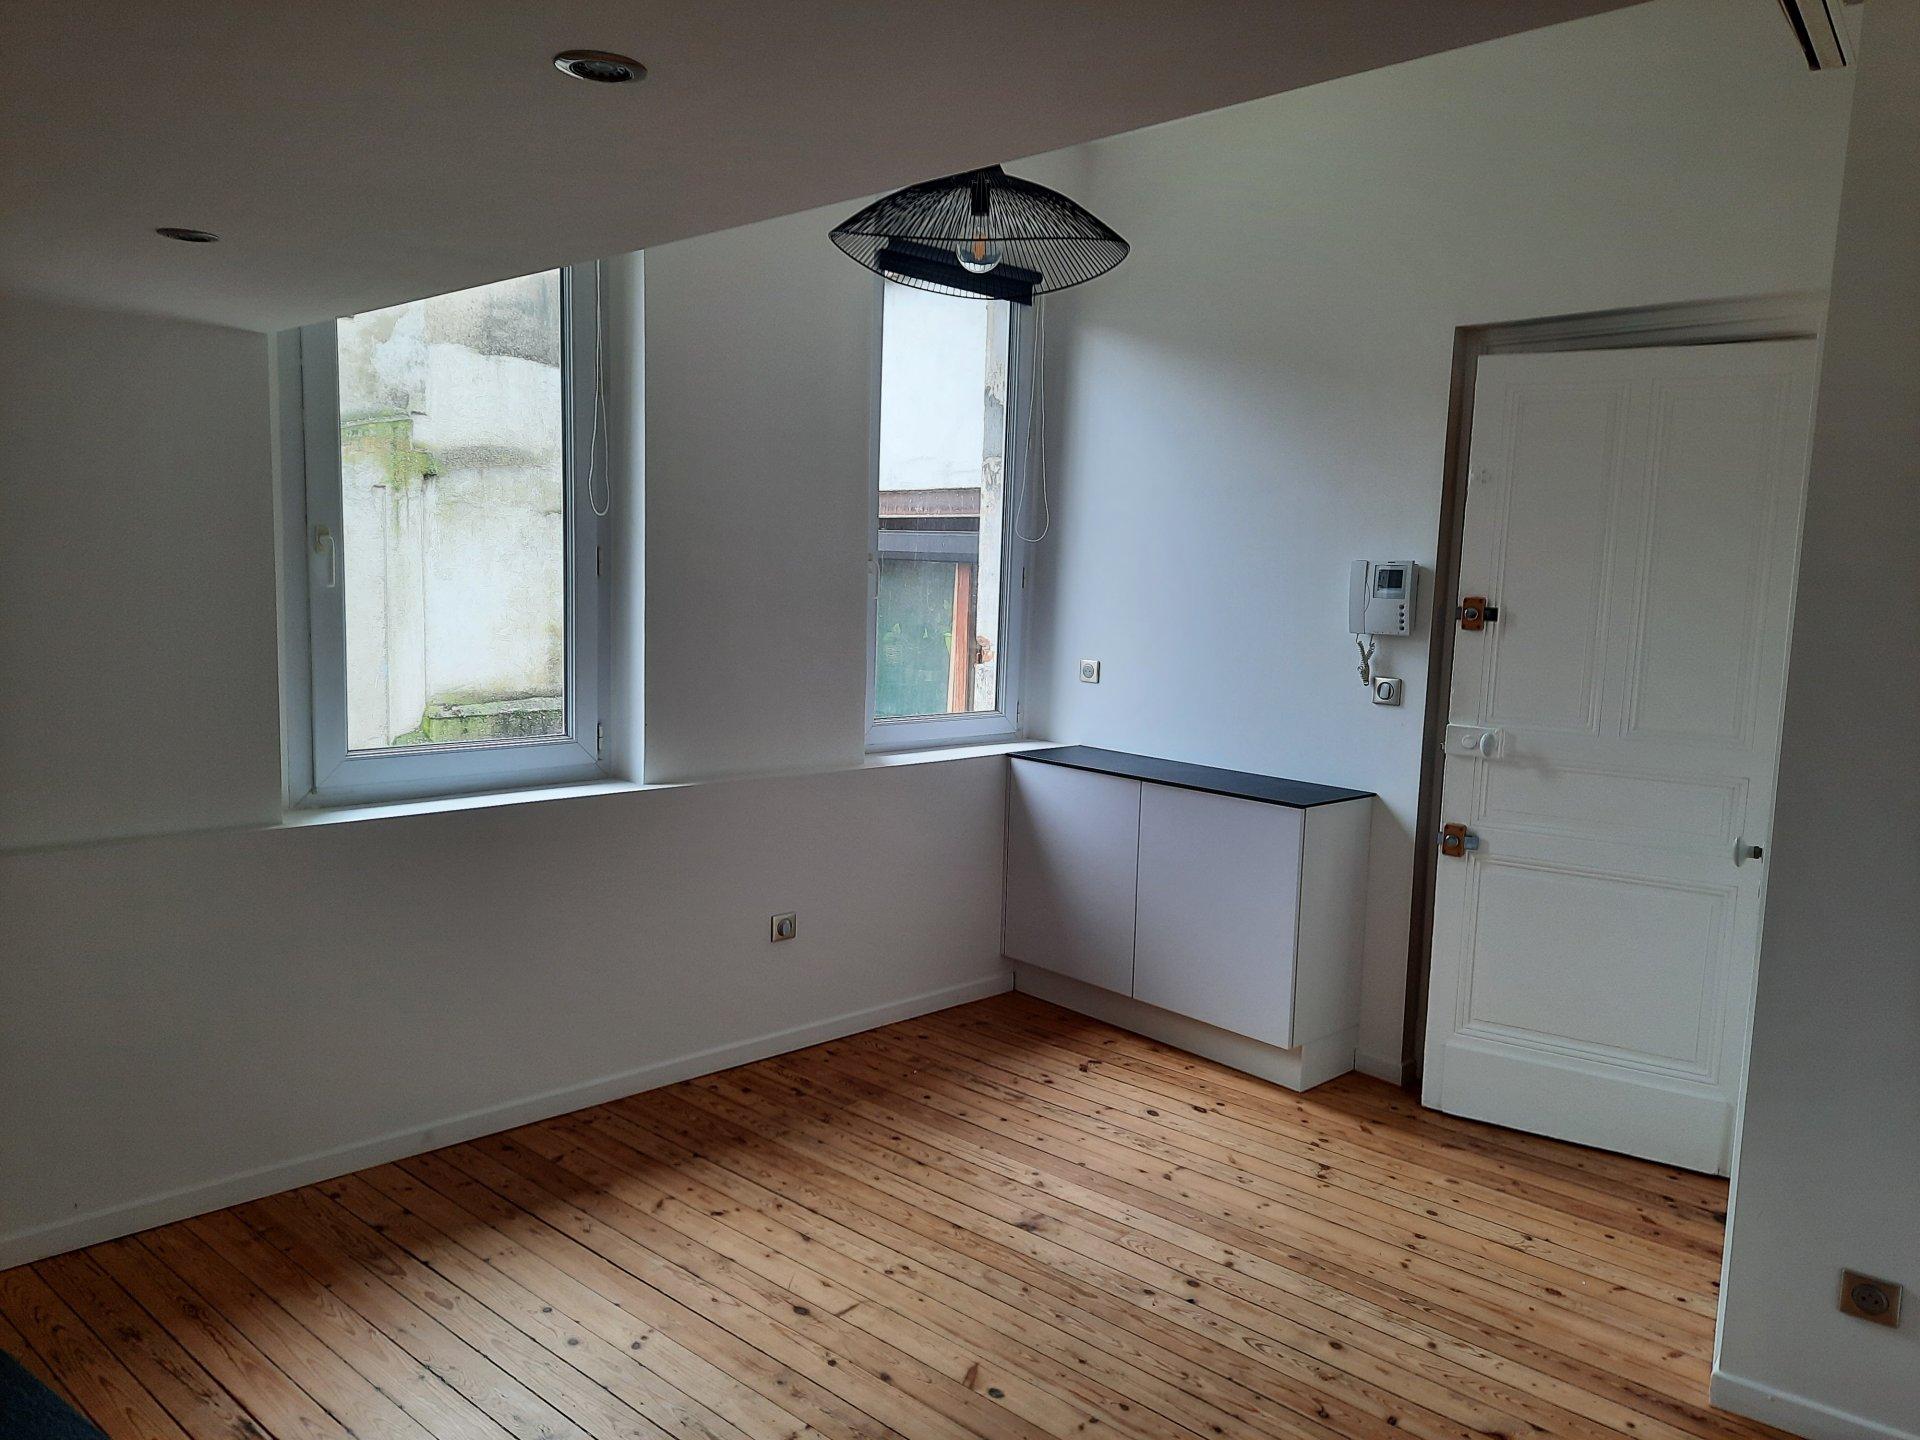 Appartement T 2 (duplex)